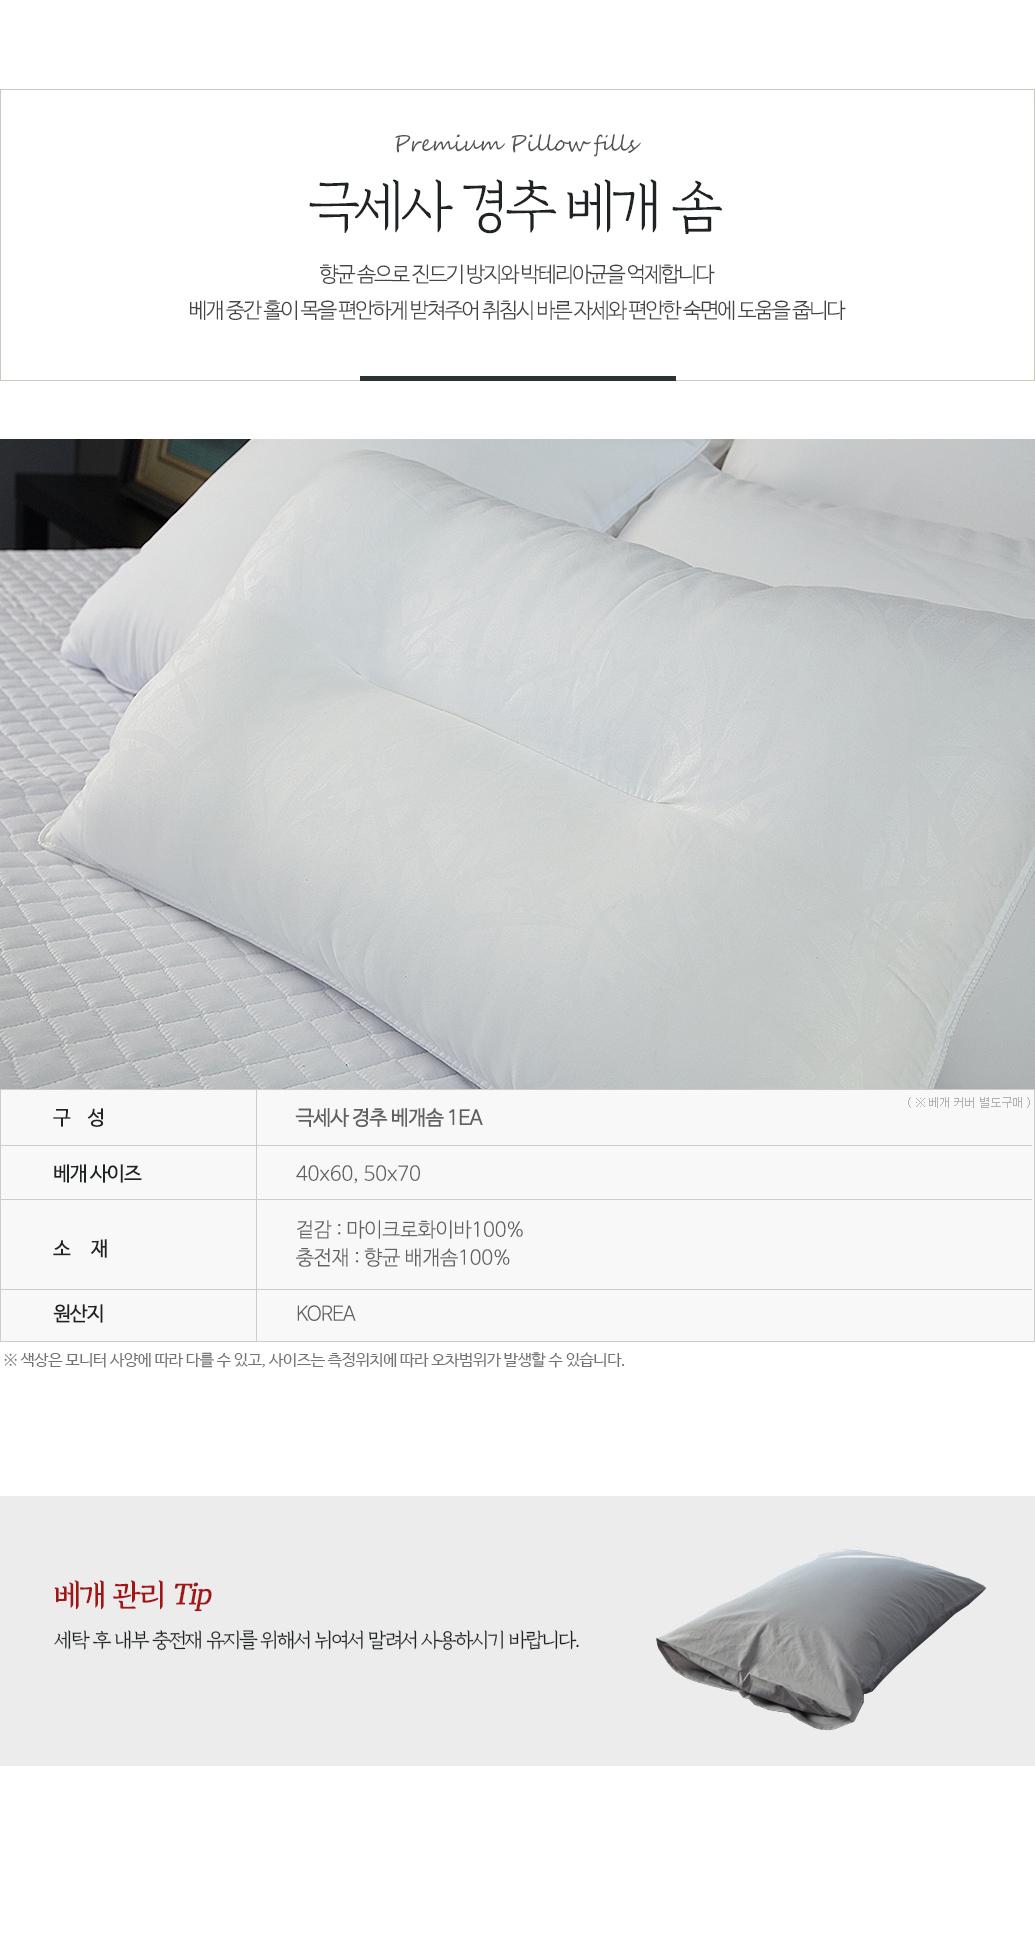 hp_pillow06.jpg